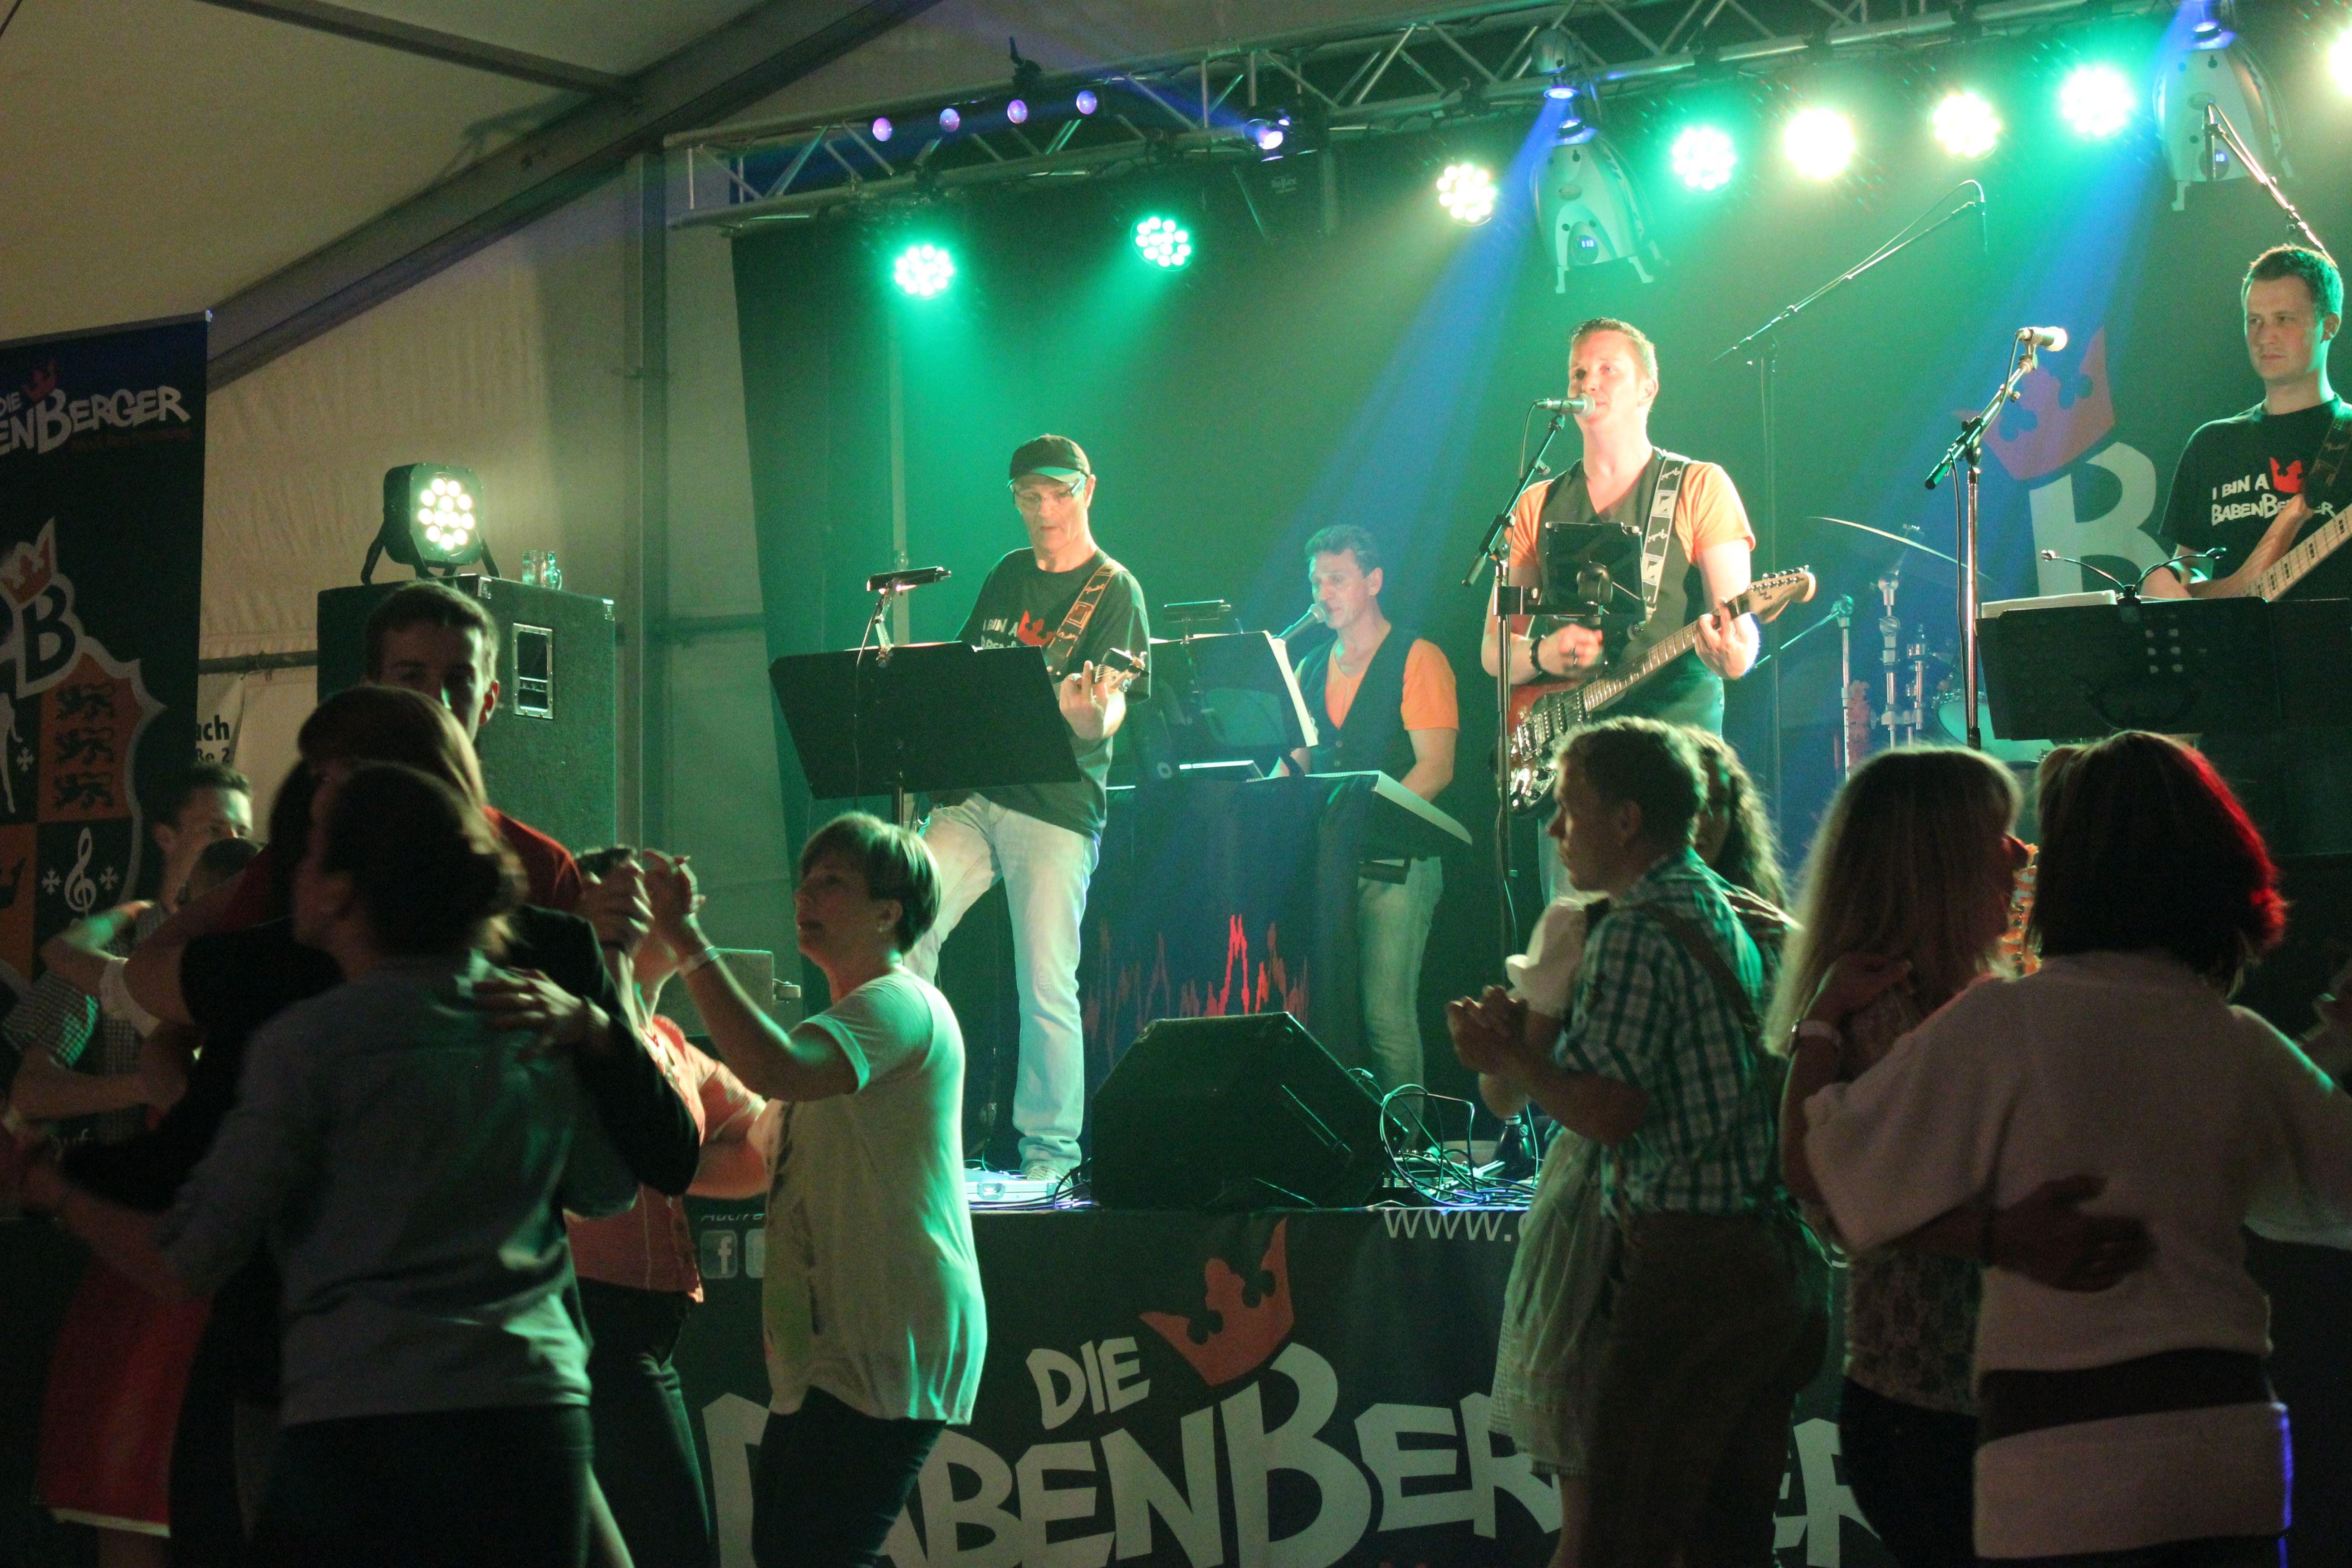 Die Babenberger - Partyband, Stimmungsband, Coverband, Tanzband, www.diebabenberger.at